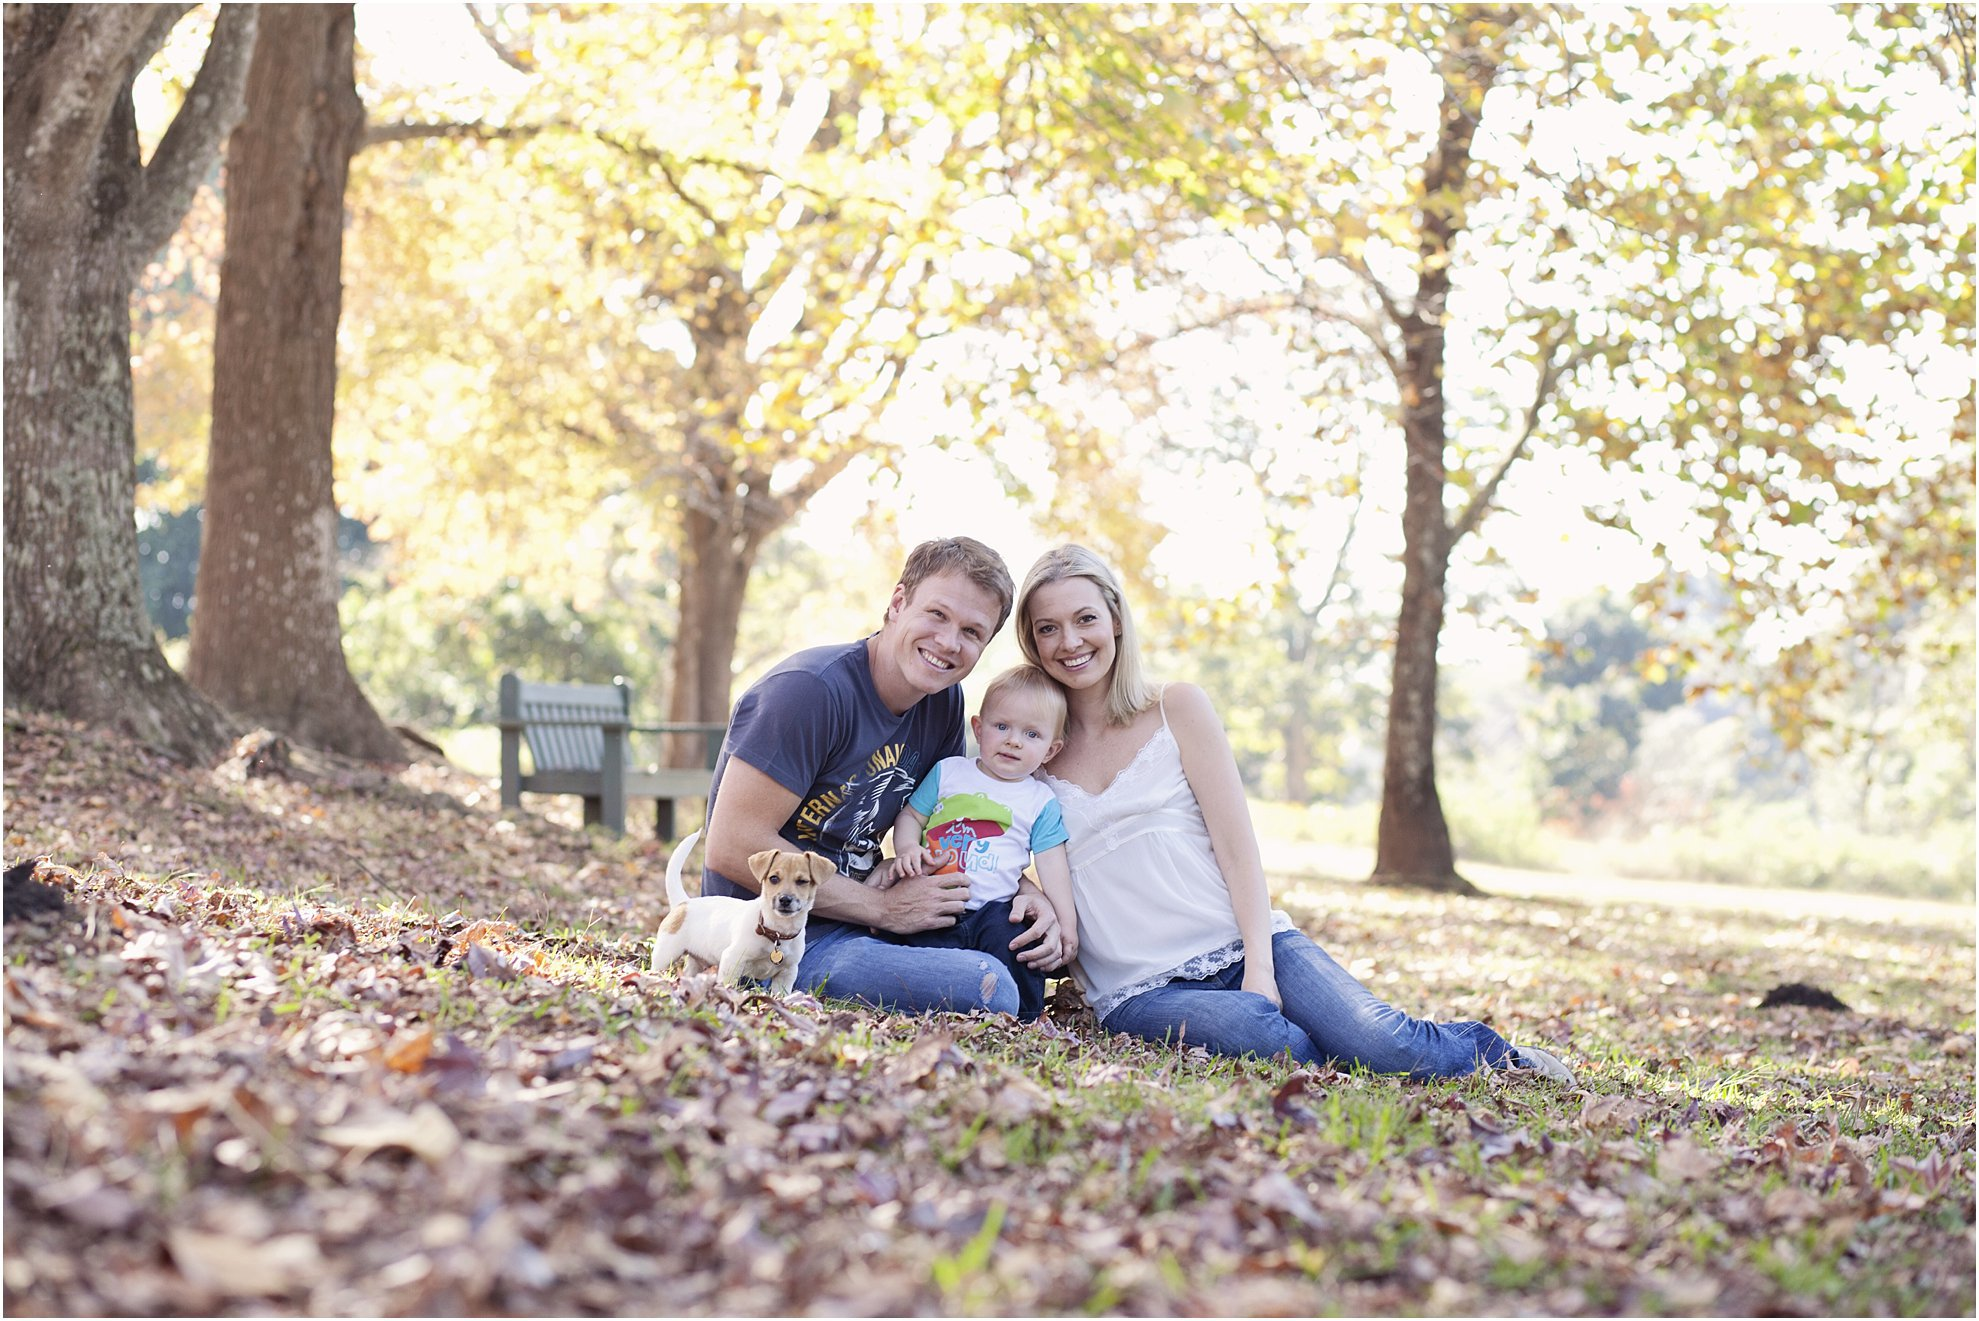 FIONA CLAIR PHOTOGRAPHY Bryan & Stacey Rennie 06 06 2013_0363